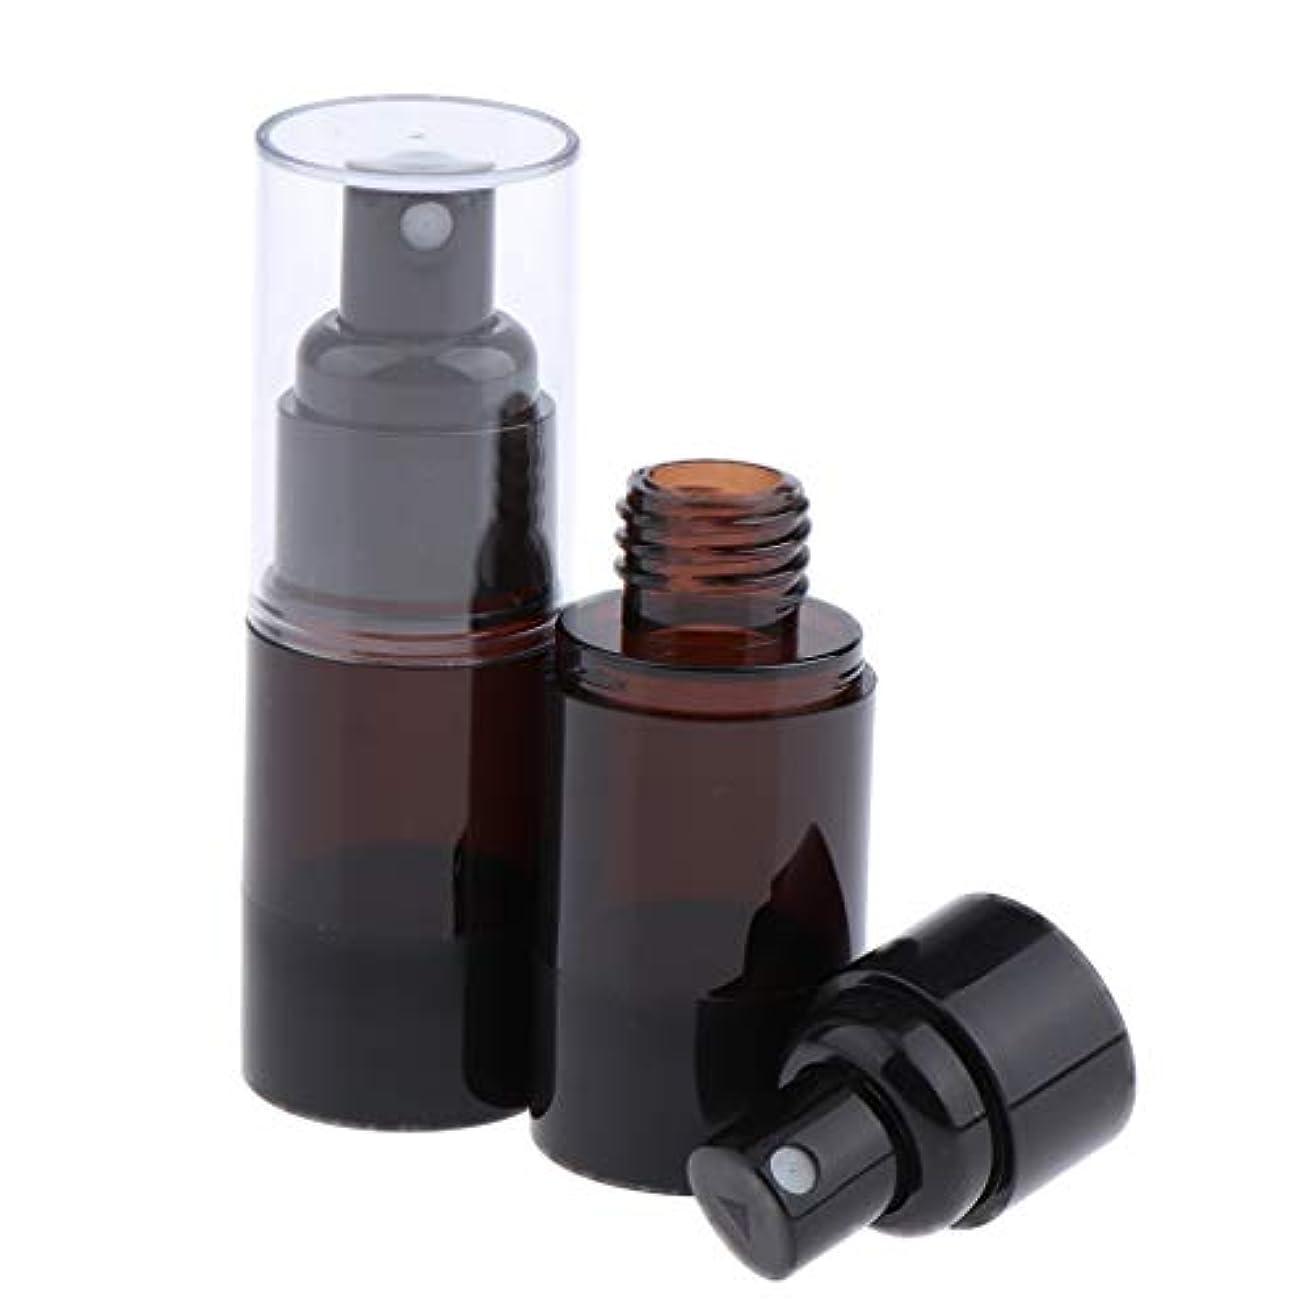 カスケード牛狂信者CUTICATE 無菌エアレス ポンプスプレーボトル 詰め替え可能な 化粧品容器 2本 15ml